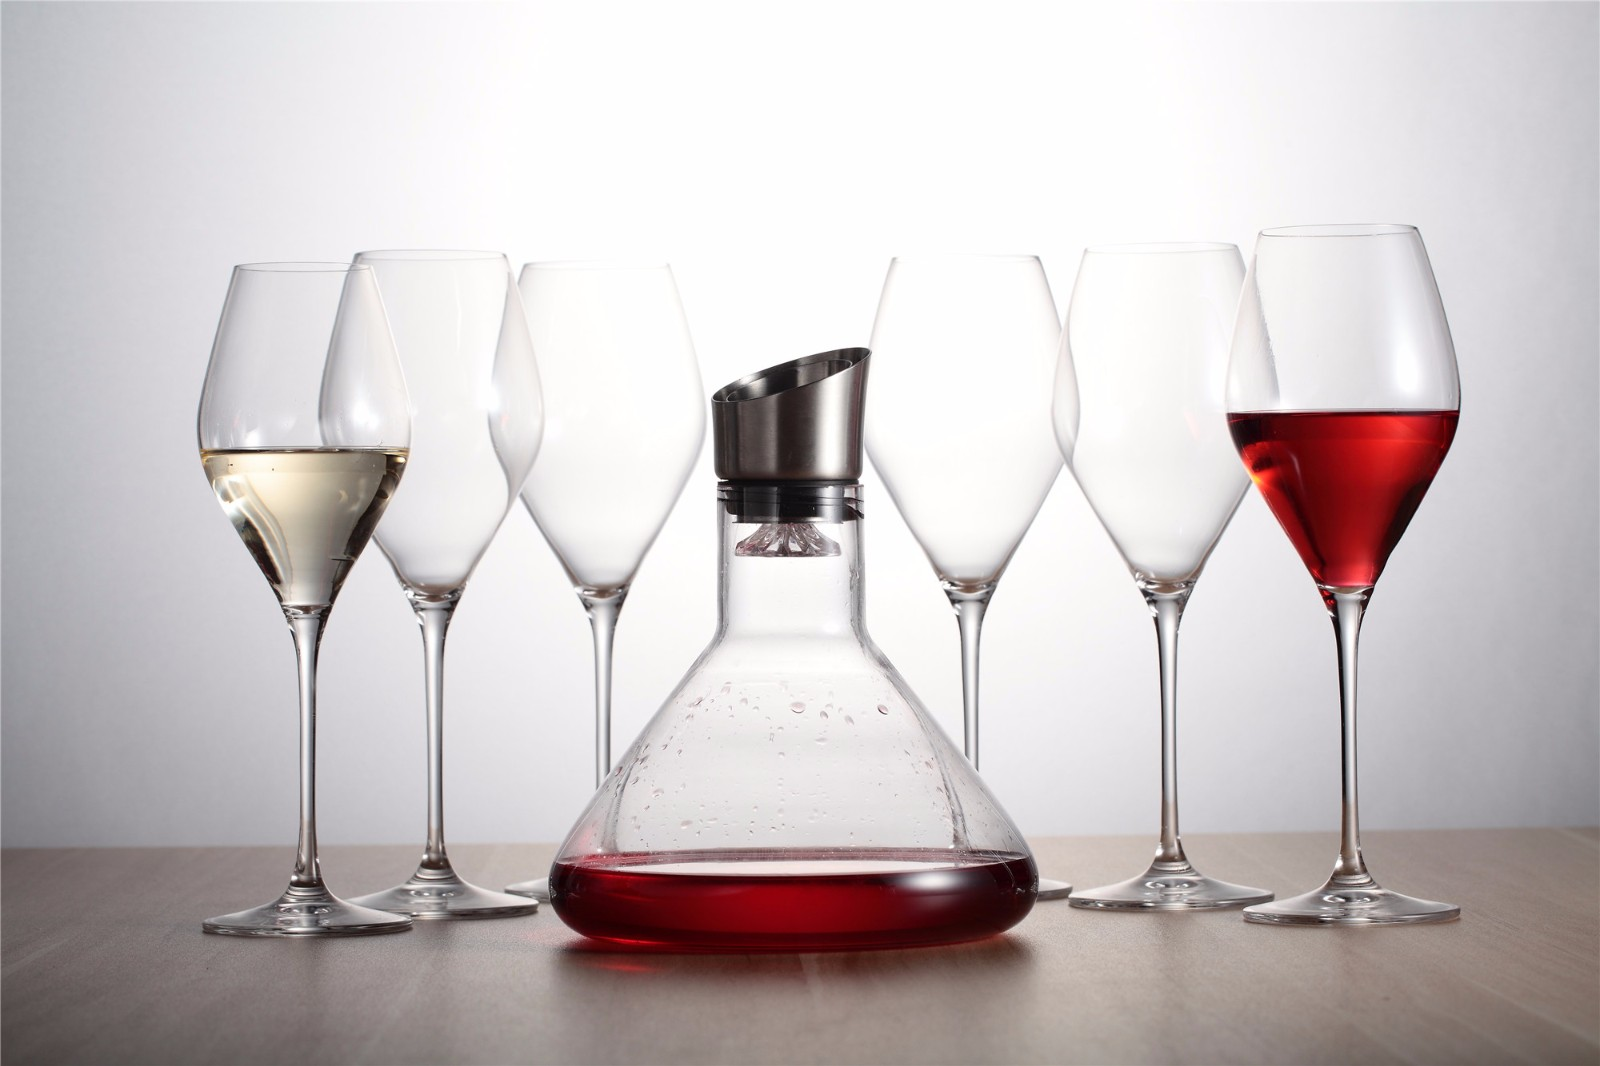 杯中红酒矢量图